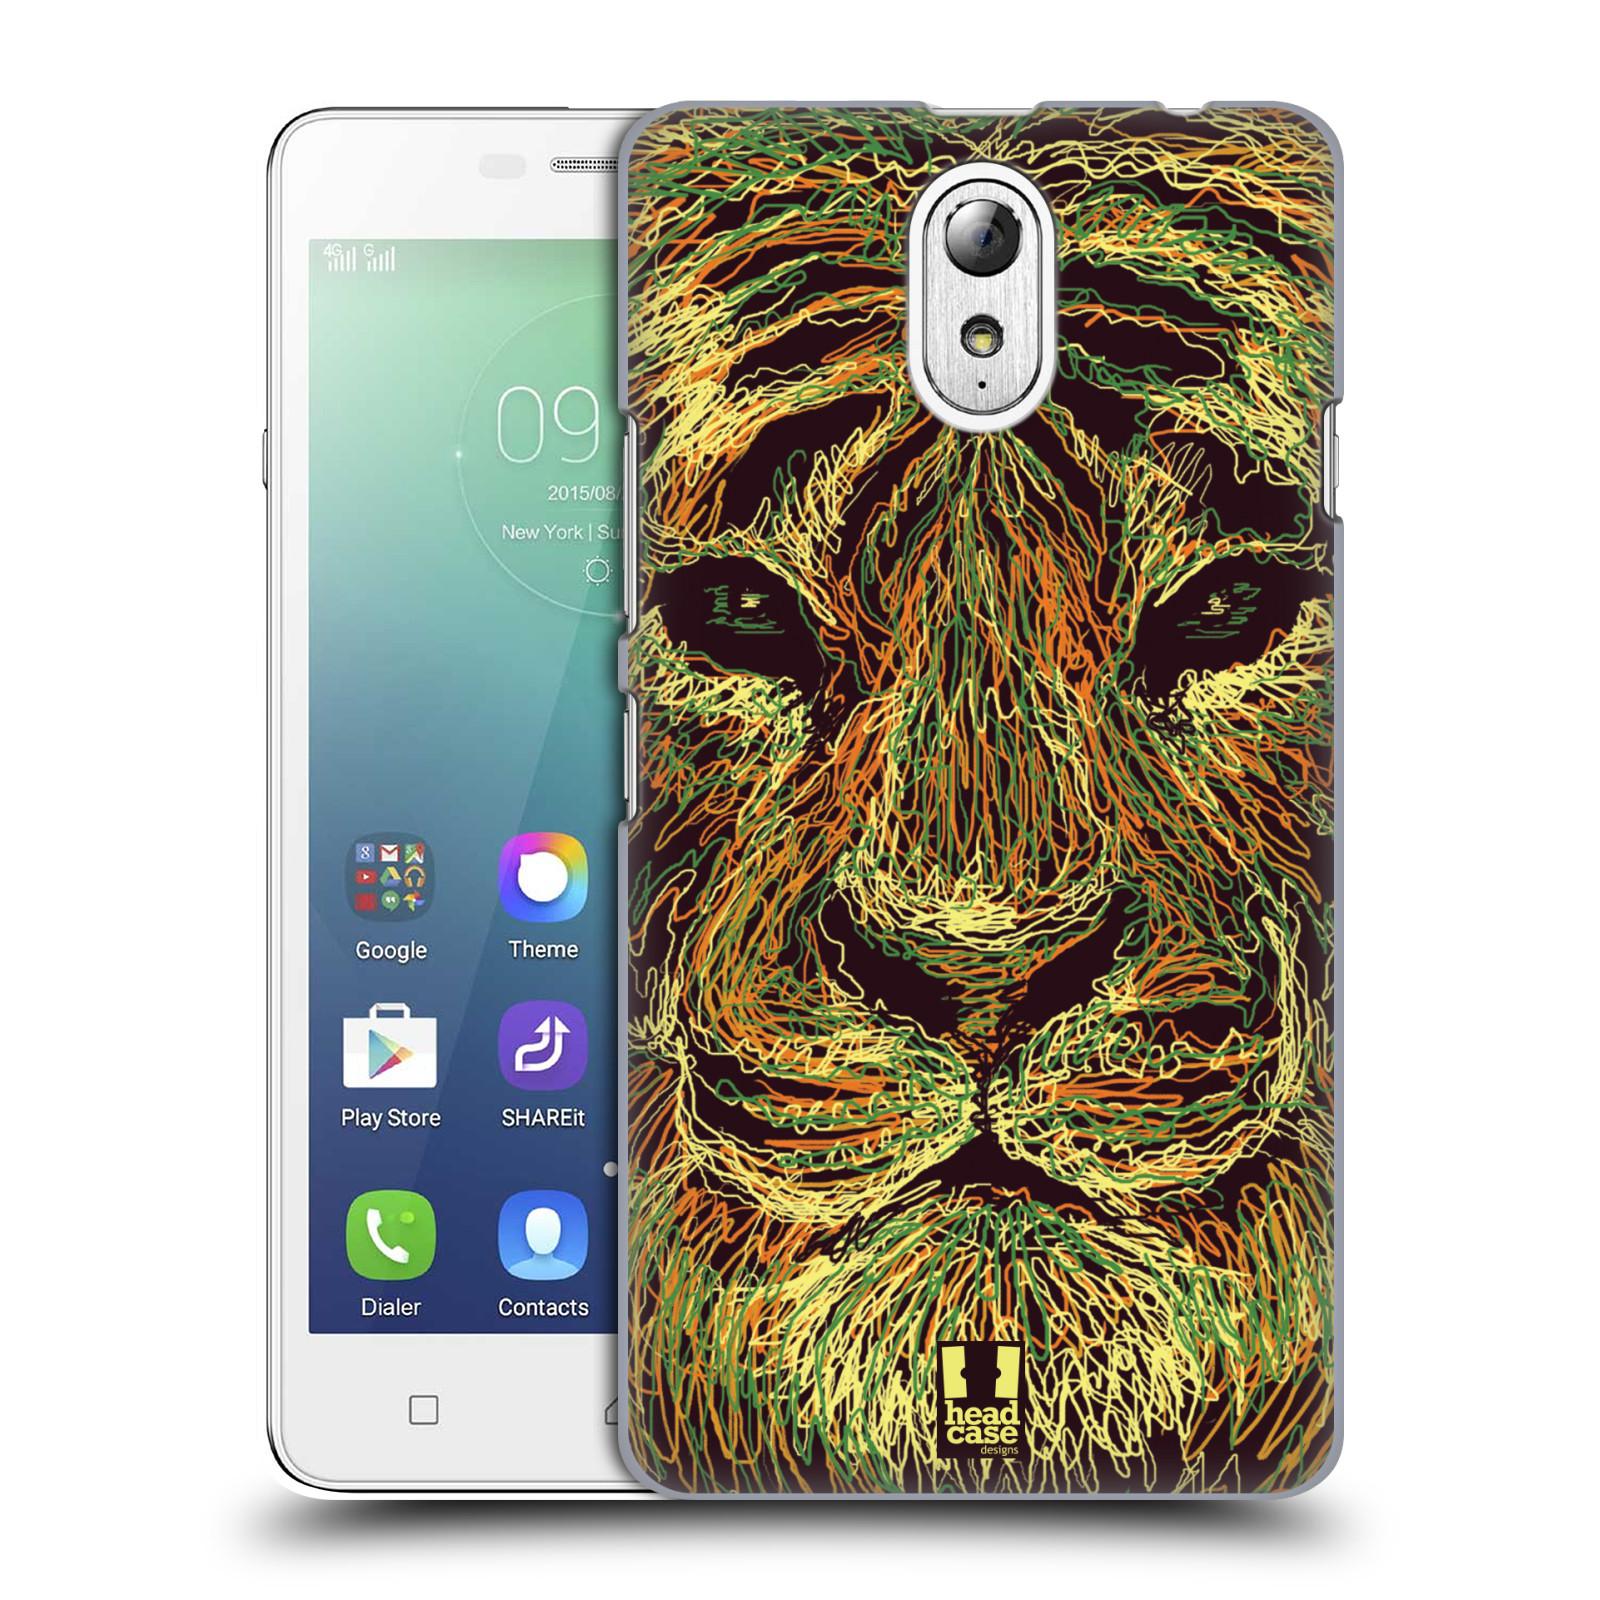 HEAD CASE pevný plastový obal na mobil LENOVO VIBE P1m / LENOVO VIBE p1m DUAL SIM vzor zvíře čmáranice tygr